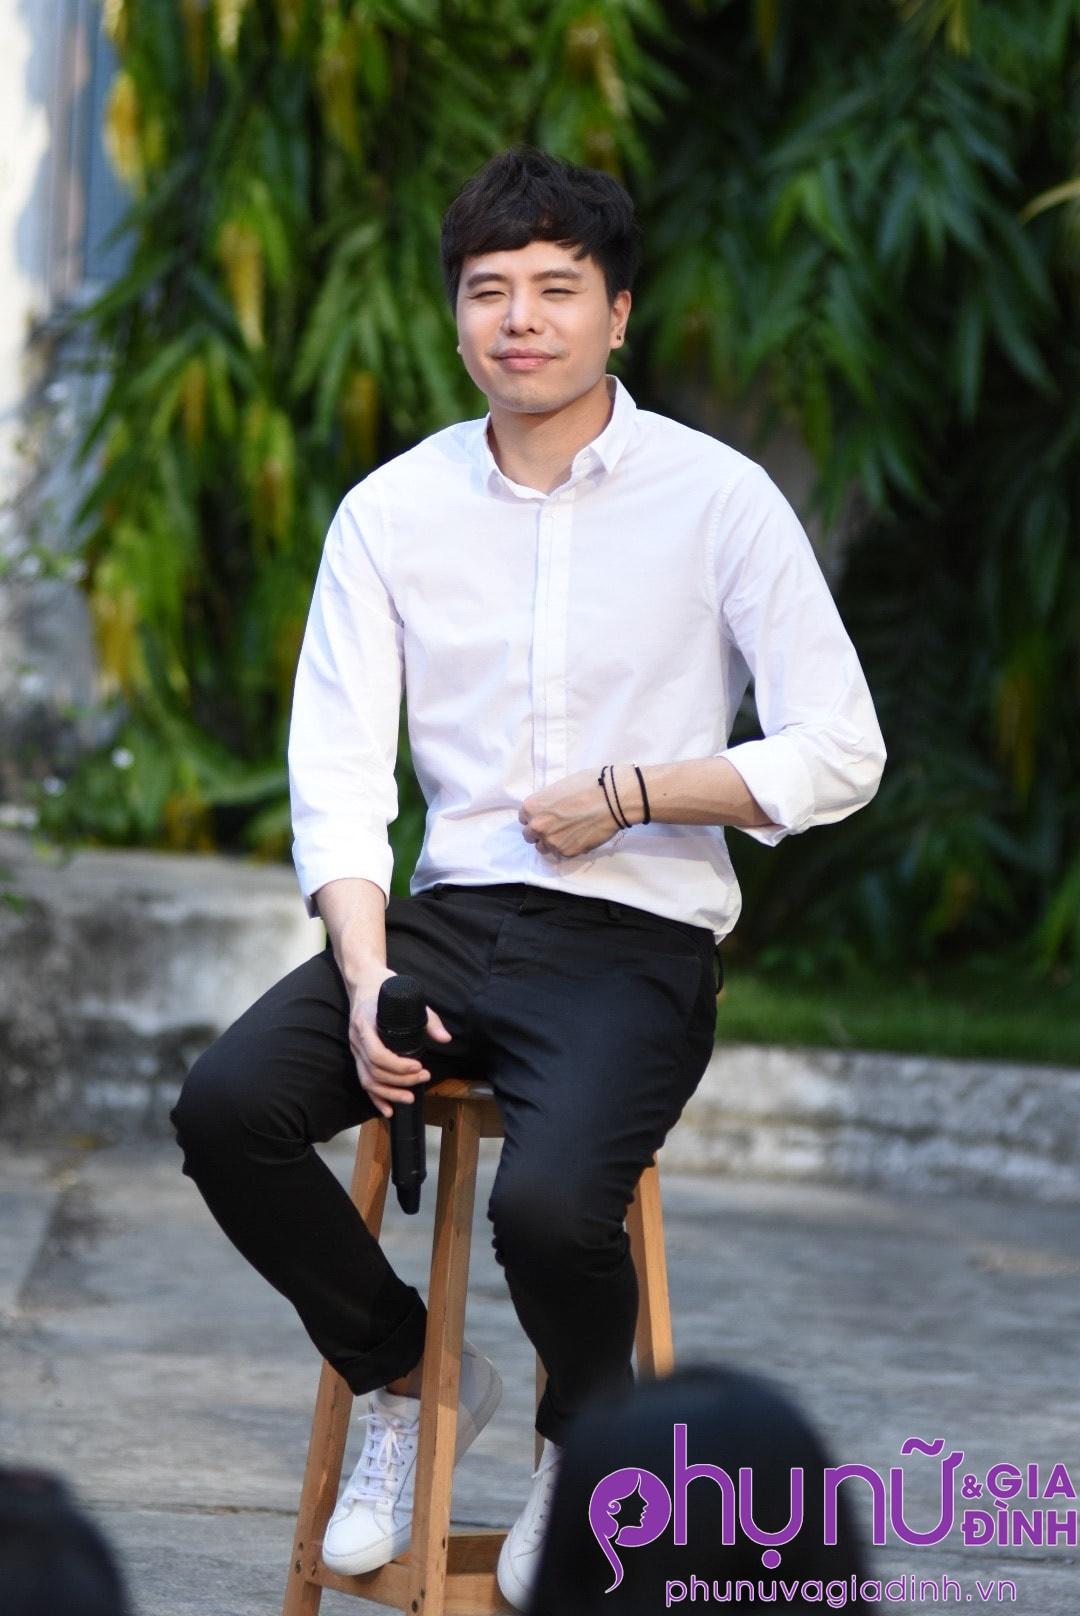 'Ông ngoại tuổi 30' Trịnh Thăng Bình xuất hiện siêu 'soái ca' làm chị em thổn thức - Ảnh 6